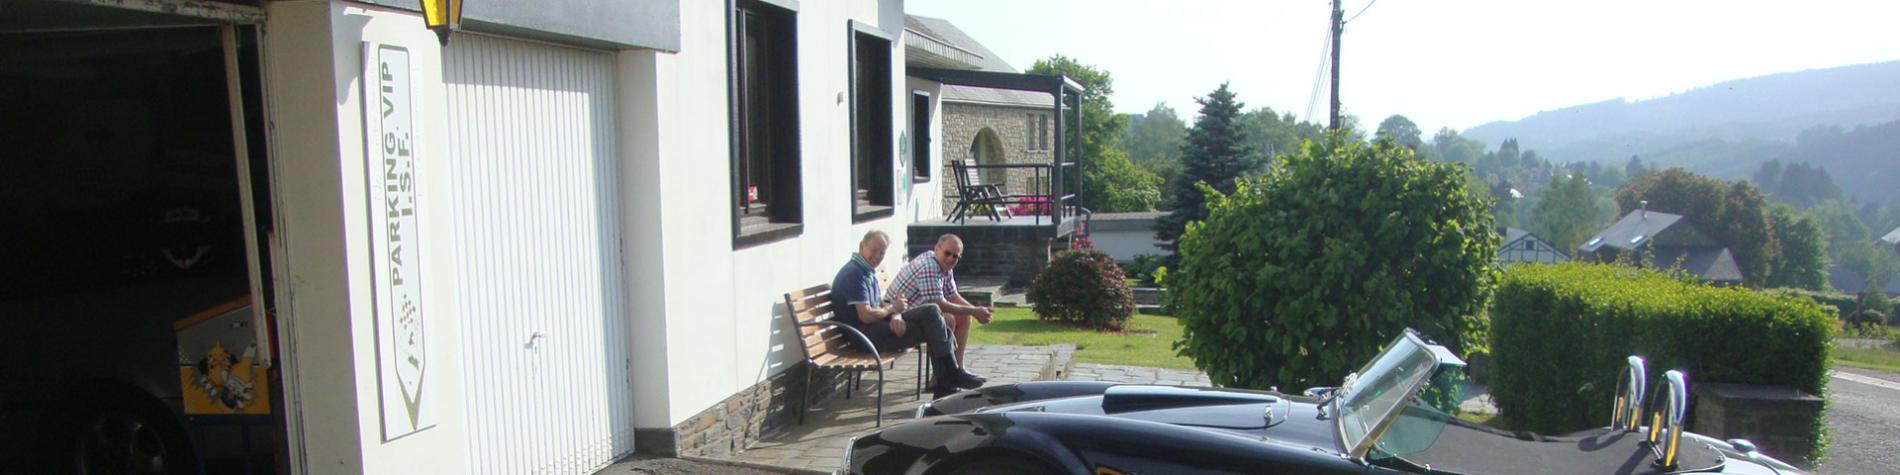 Maison d'hôtes - Glen Lee - La Gleize